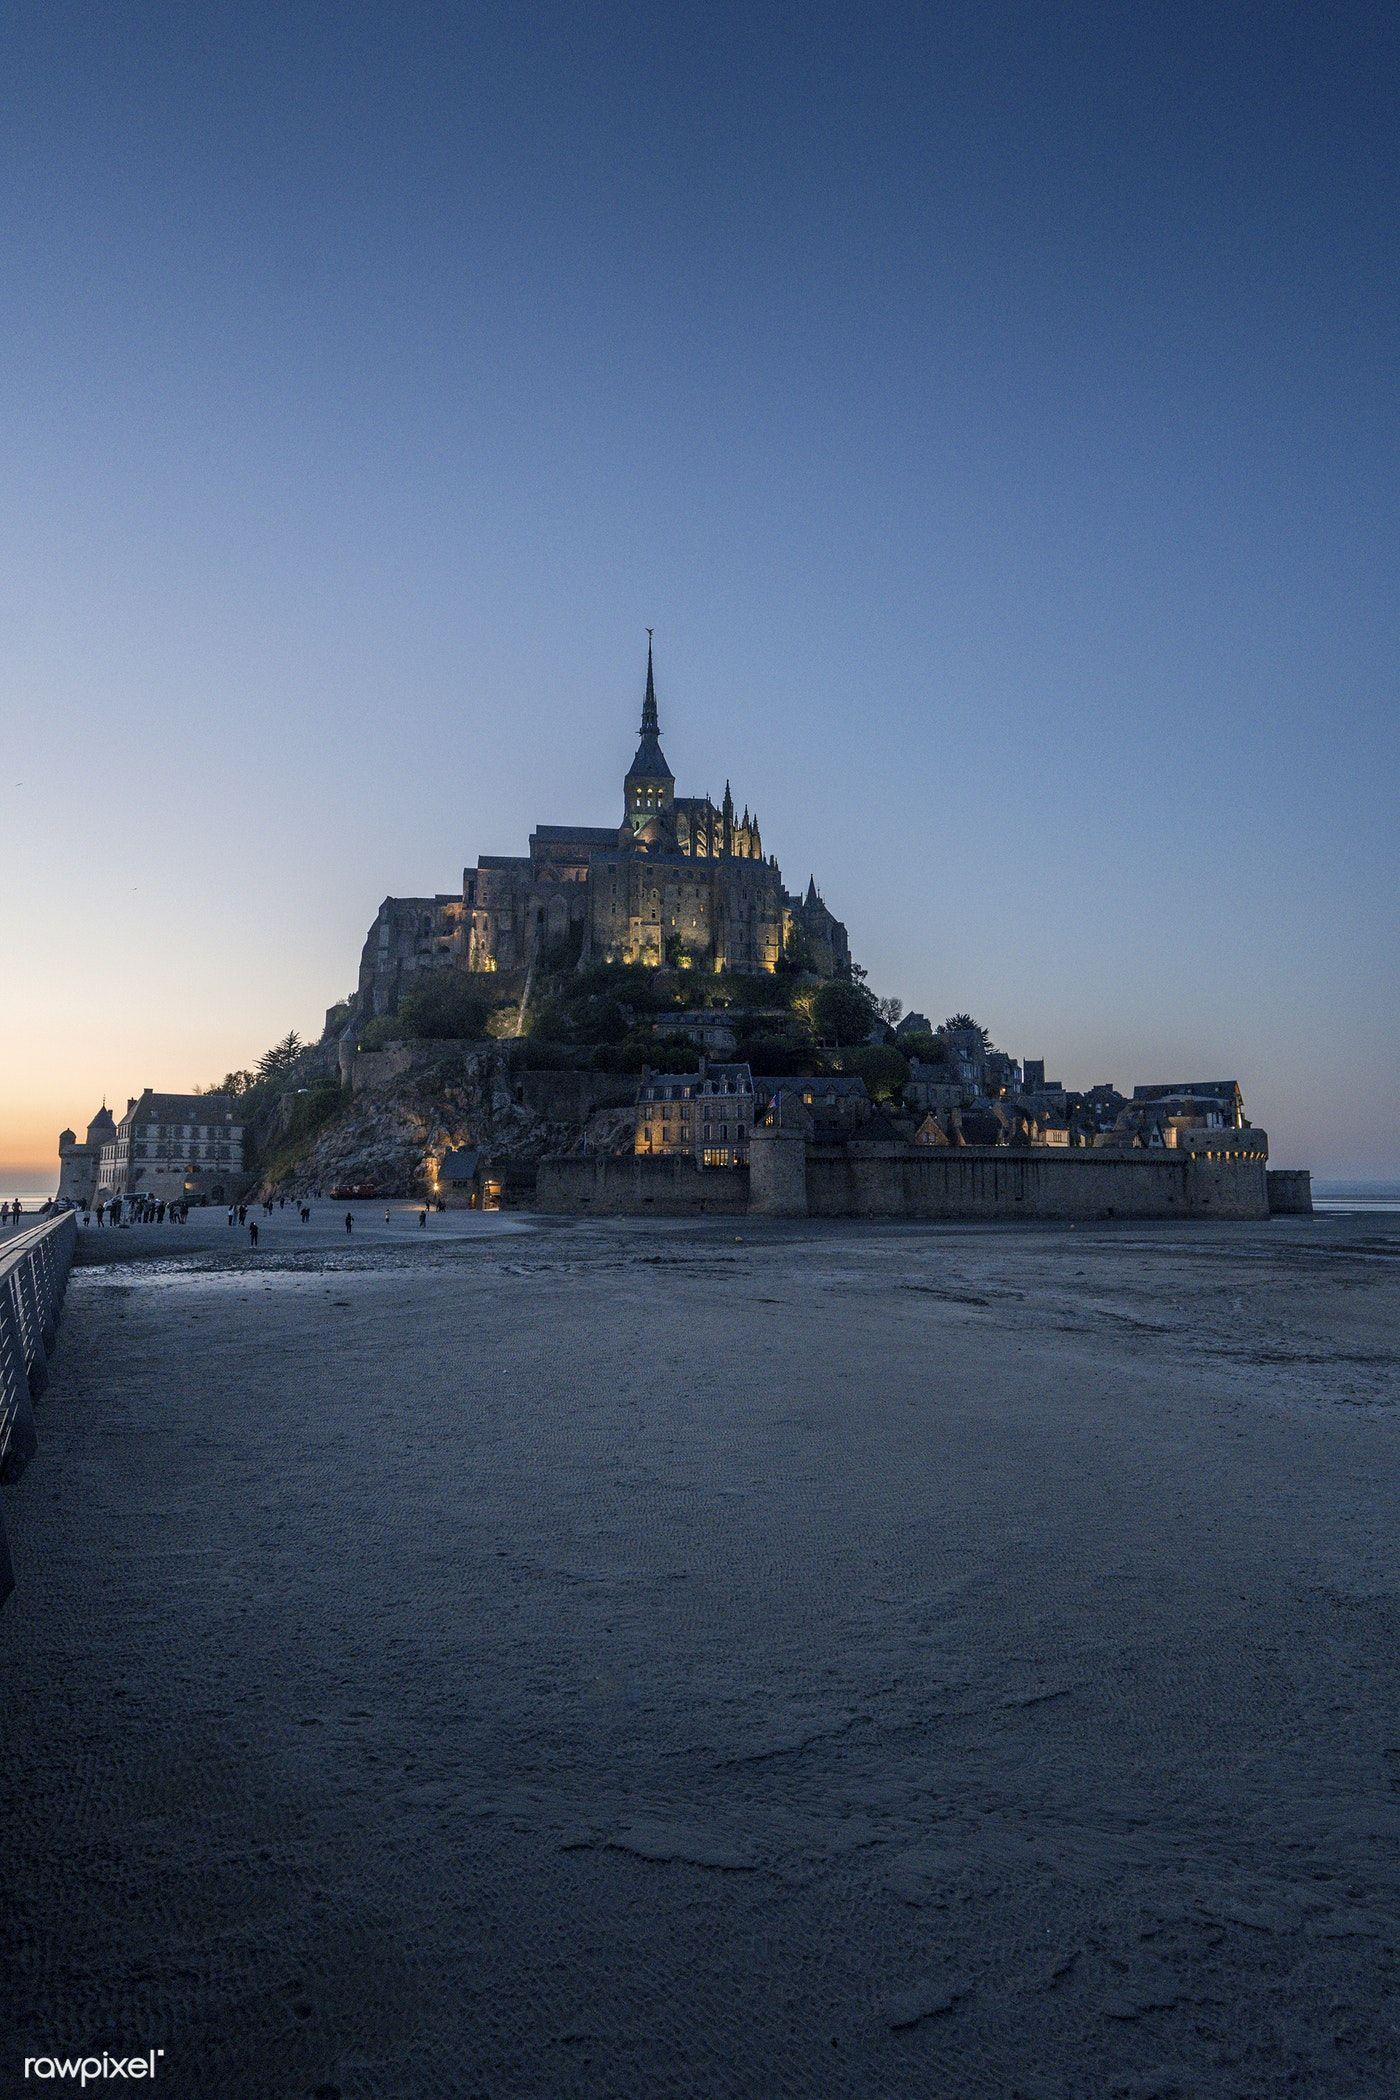 Le Mont Saint Michel In Normandy France Free Image By Rawpixel Com Jack Anstey Tourism Images Dream Travel Destinations Mont Saint Michel France